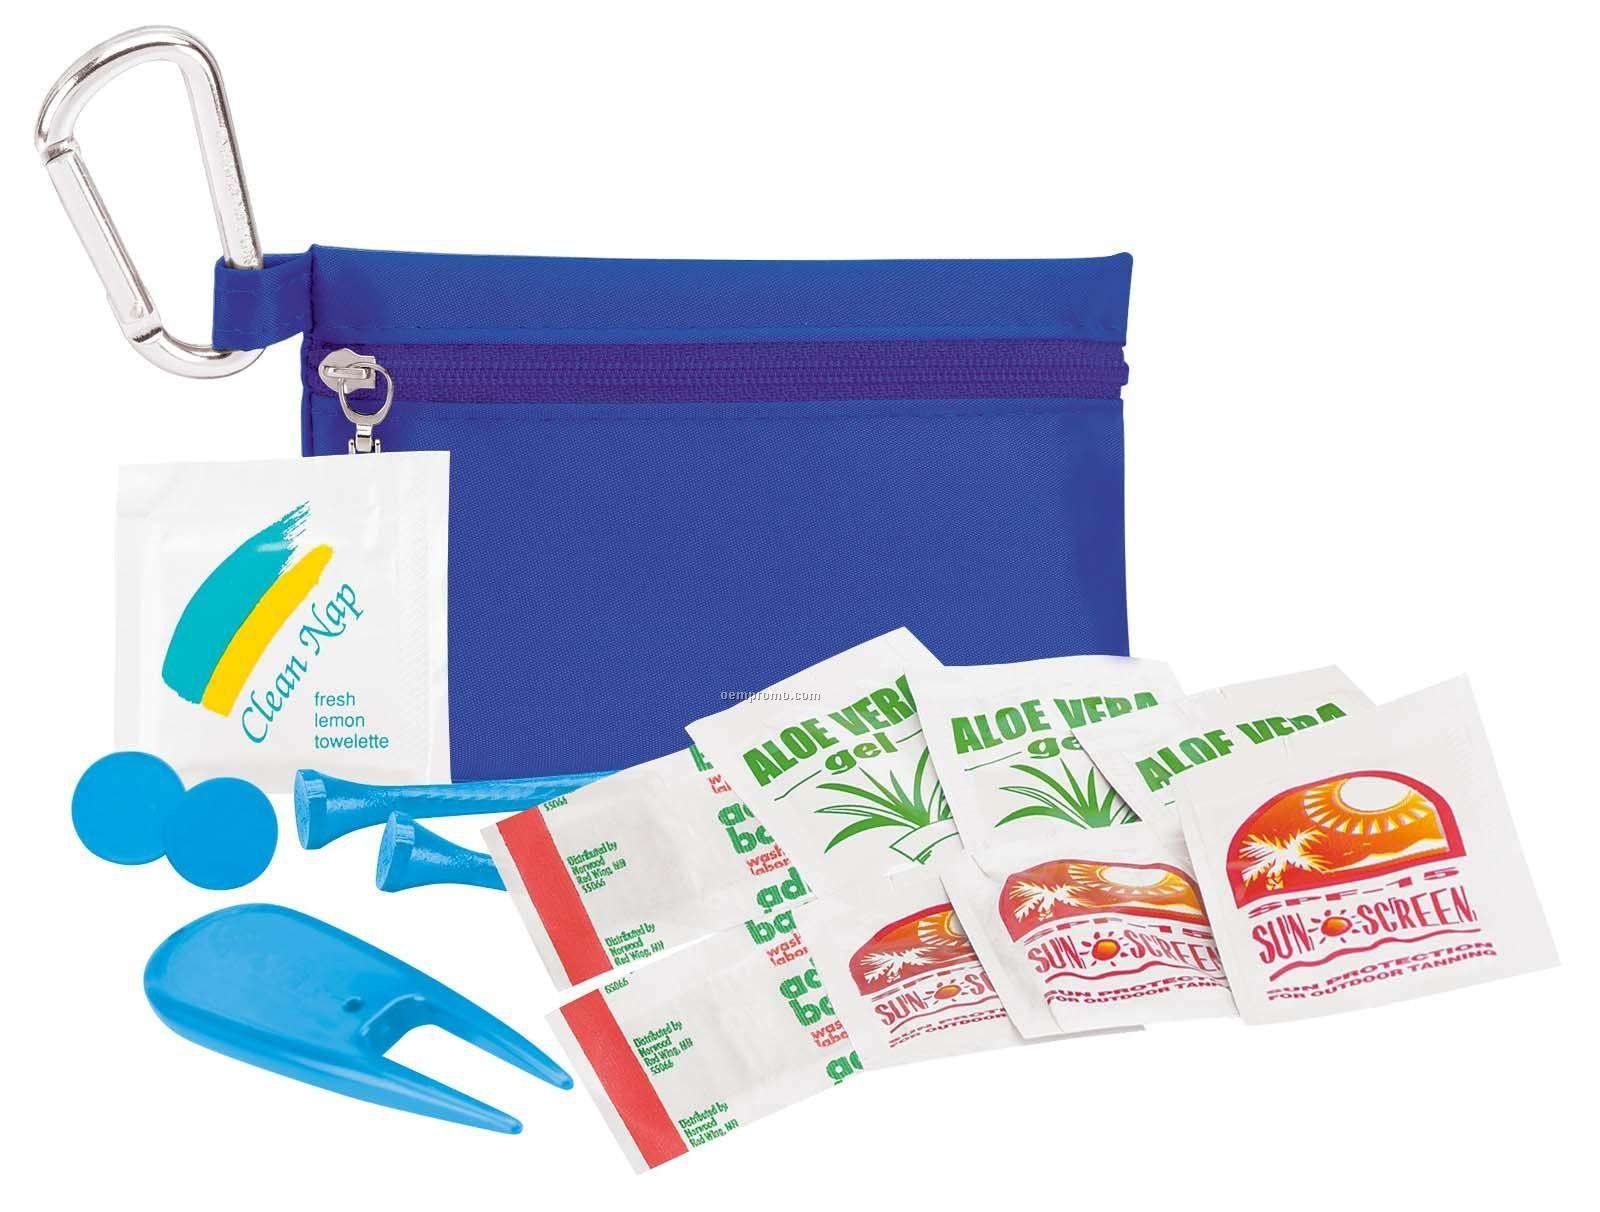 Tee Off Golfer's Sun Protection Kit Value Pak